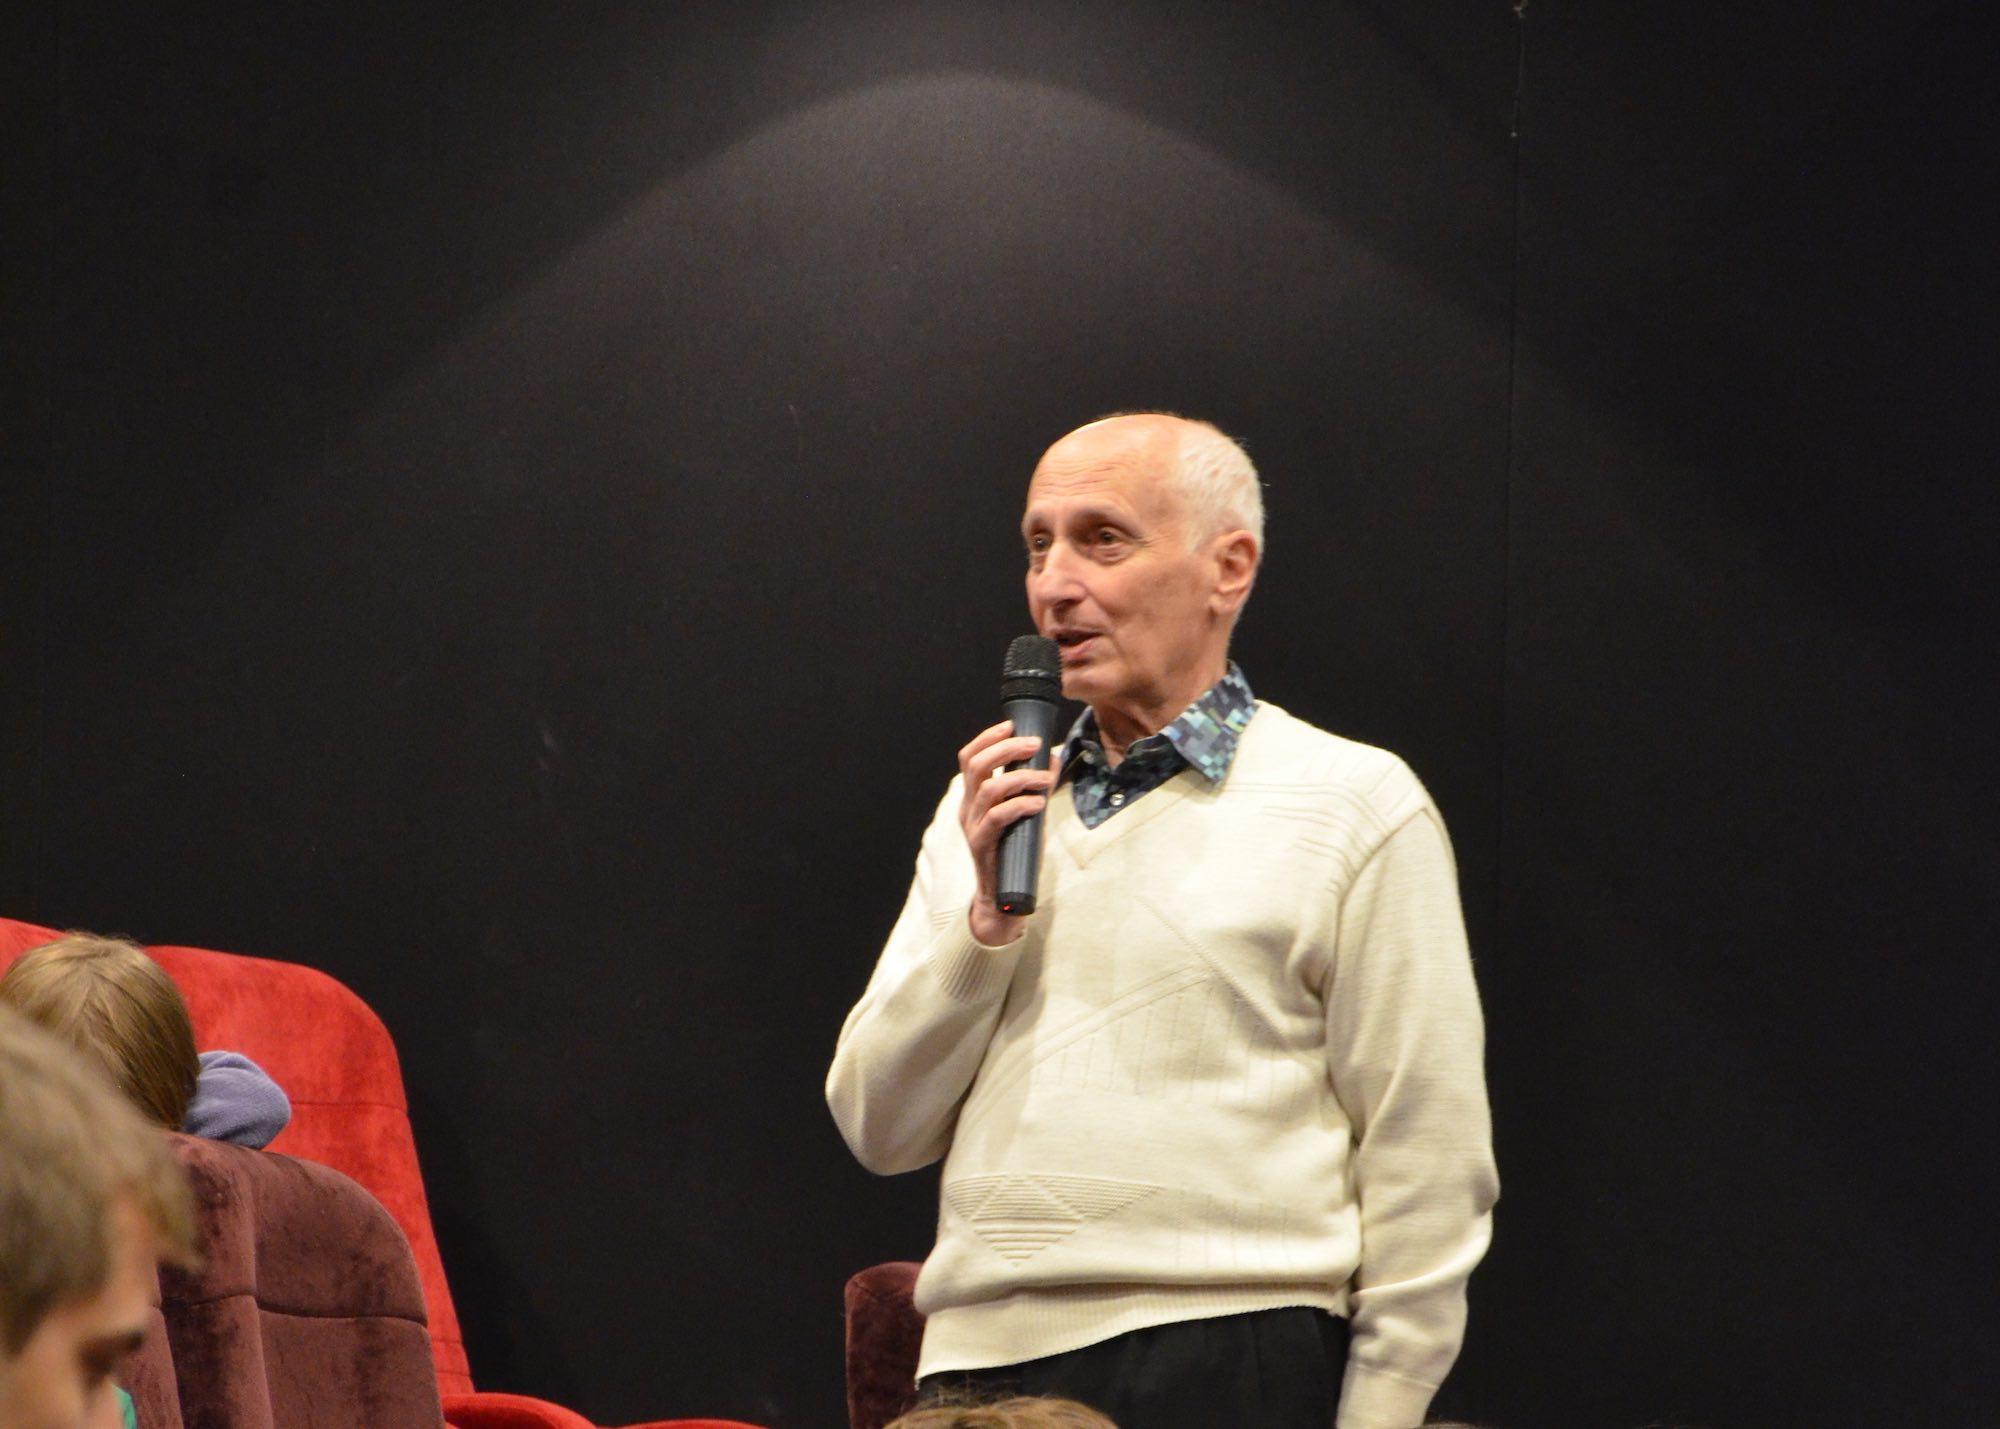 Michel Ocelot - KIRIKOU ET LA SORCIÈRE - Lumière 2018 - Dimanche 21 Octobre 2018